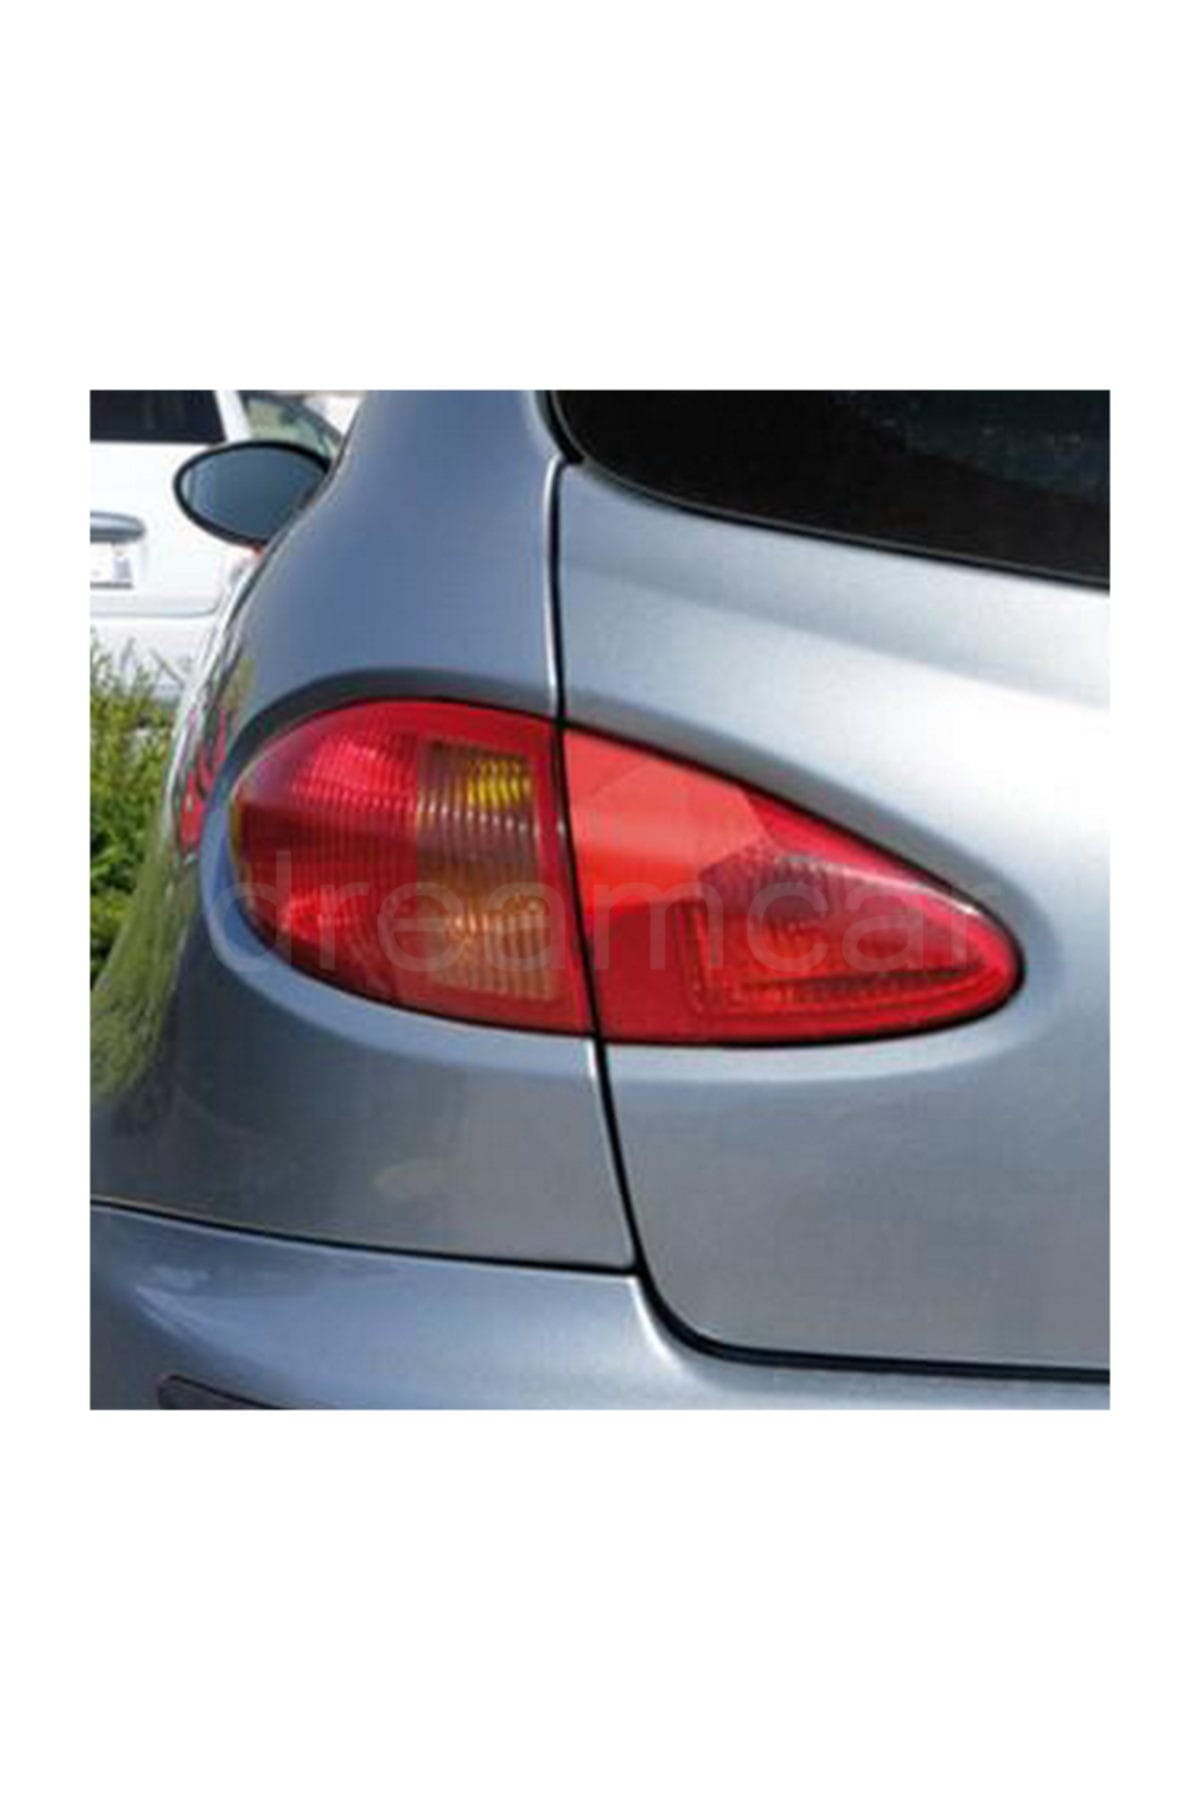 Lampa Sinyal,Stop Tamir Edici Kırmızı Transpan Bant 5x150cm 41532 2